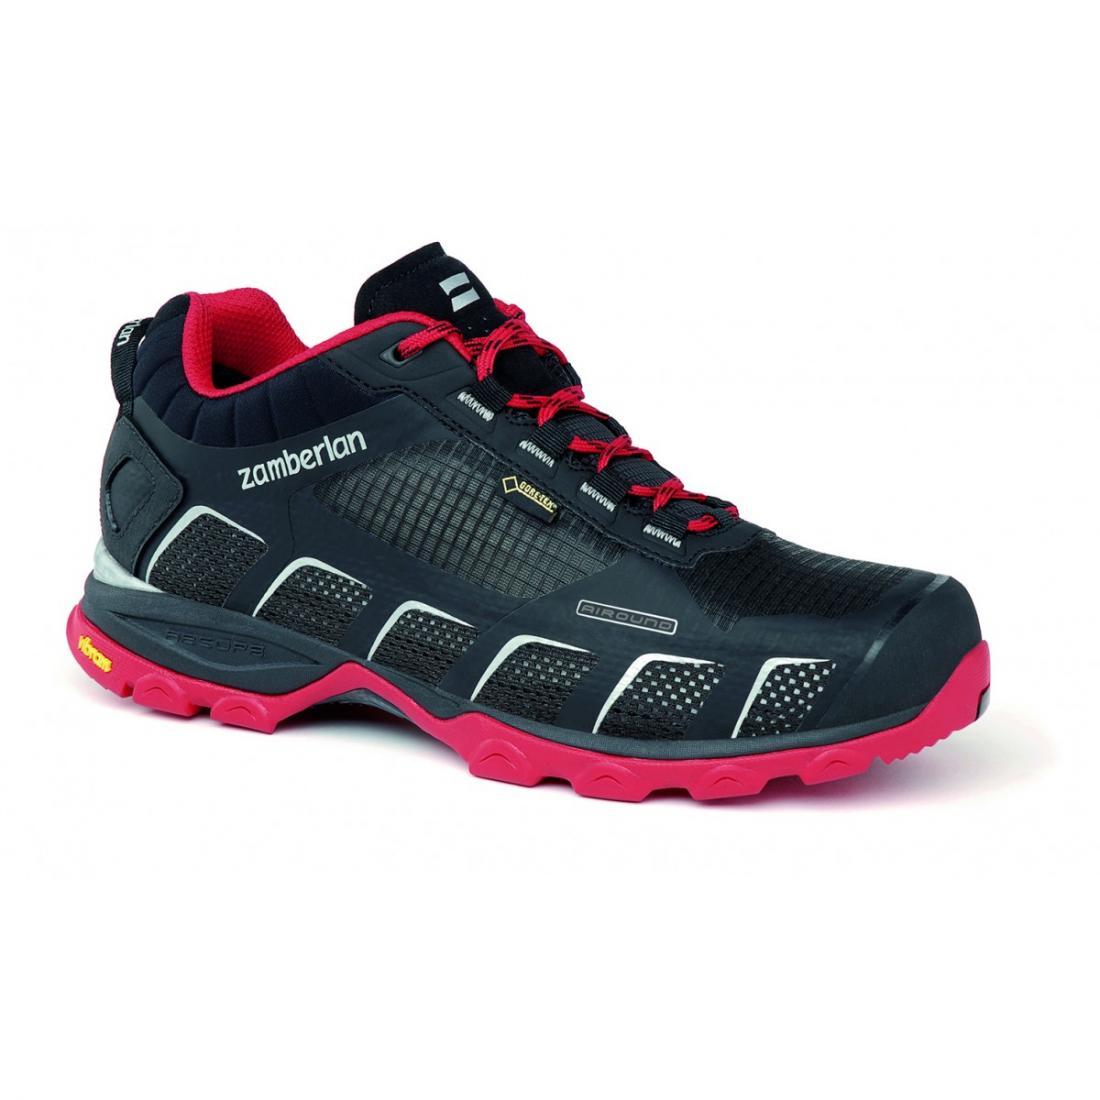 Кроссовки 132 AIR-ROUND GTX RRХайкинговые<br>Стильные ботинки средней высоты для легкого и уверенного движения по горным тропам. Комфортная посадка этих ботинок усовершенствована за ...<br><br>Цвет: Черный<br>Размер: 43